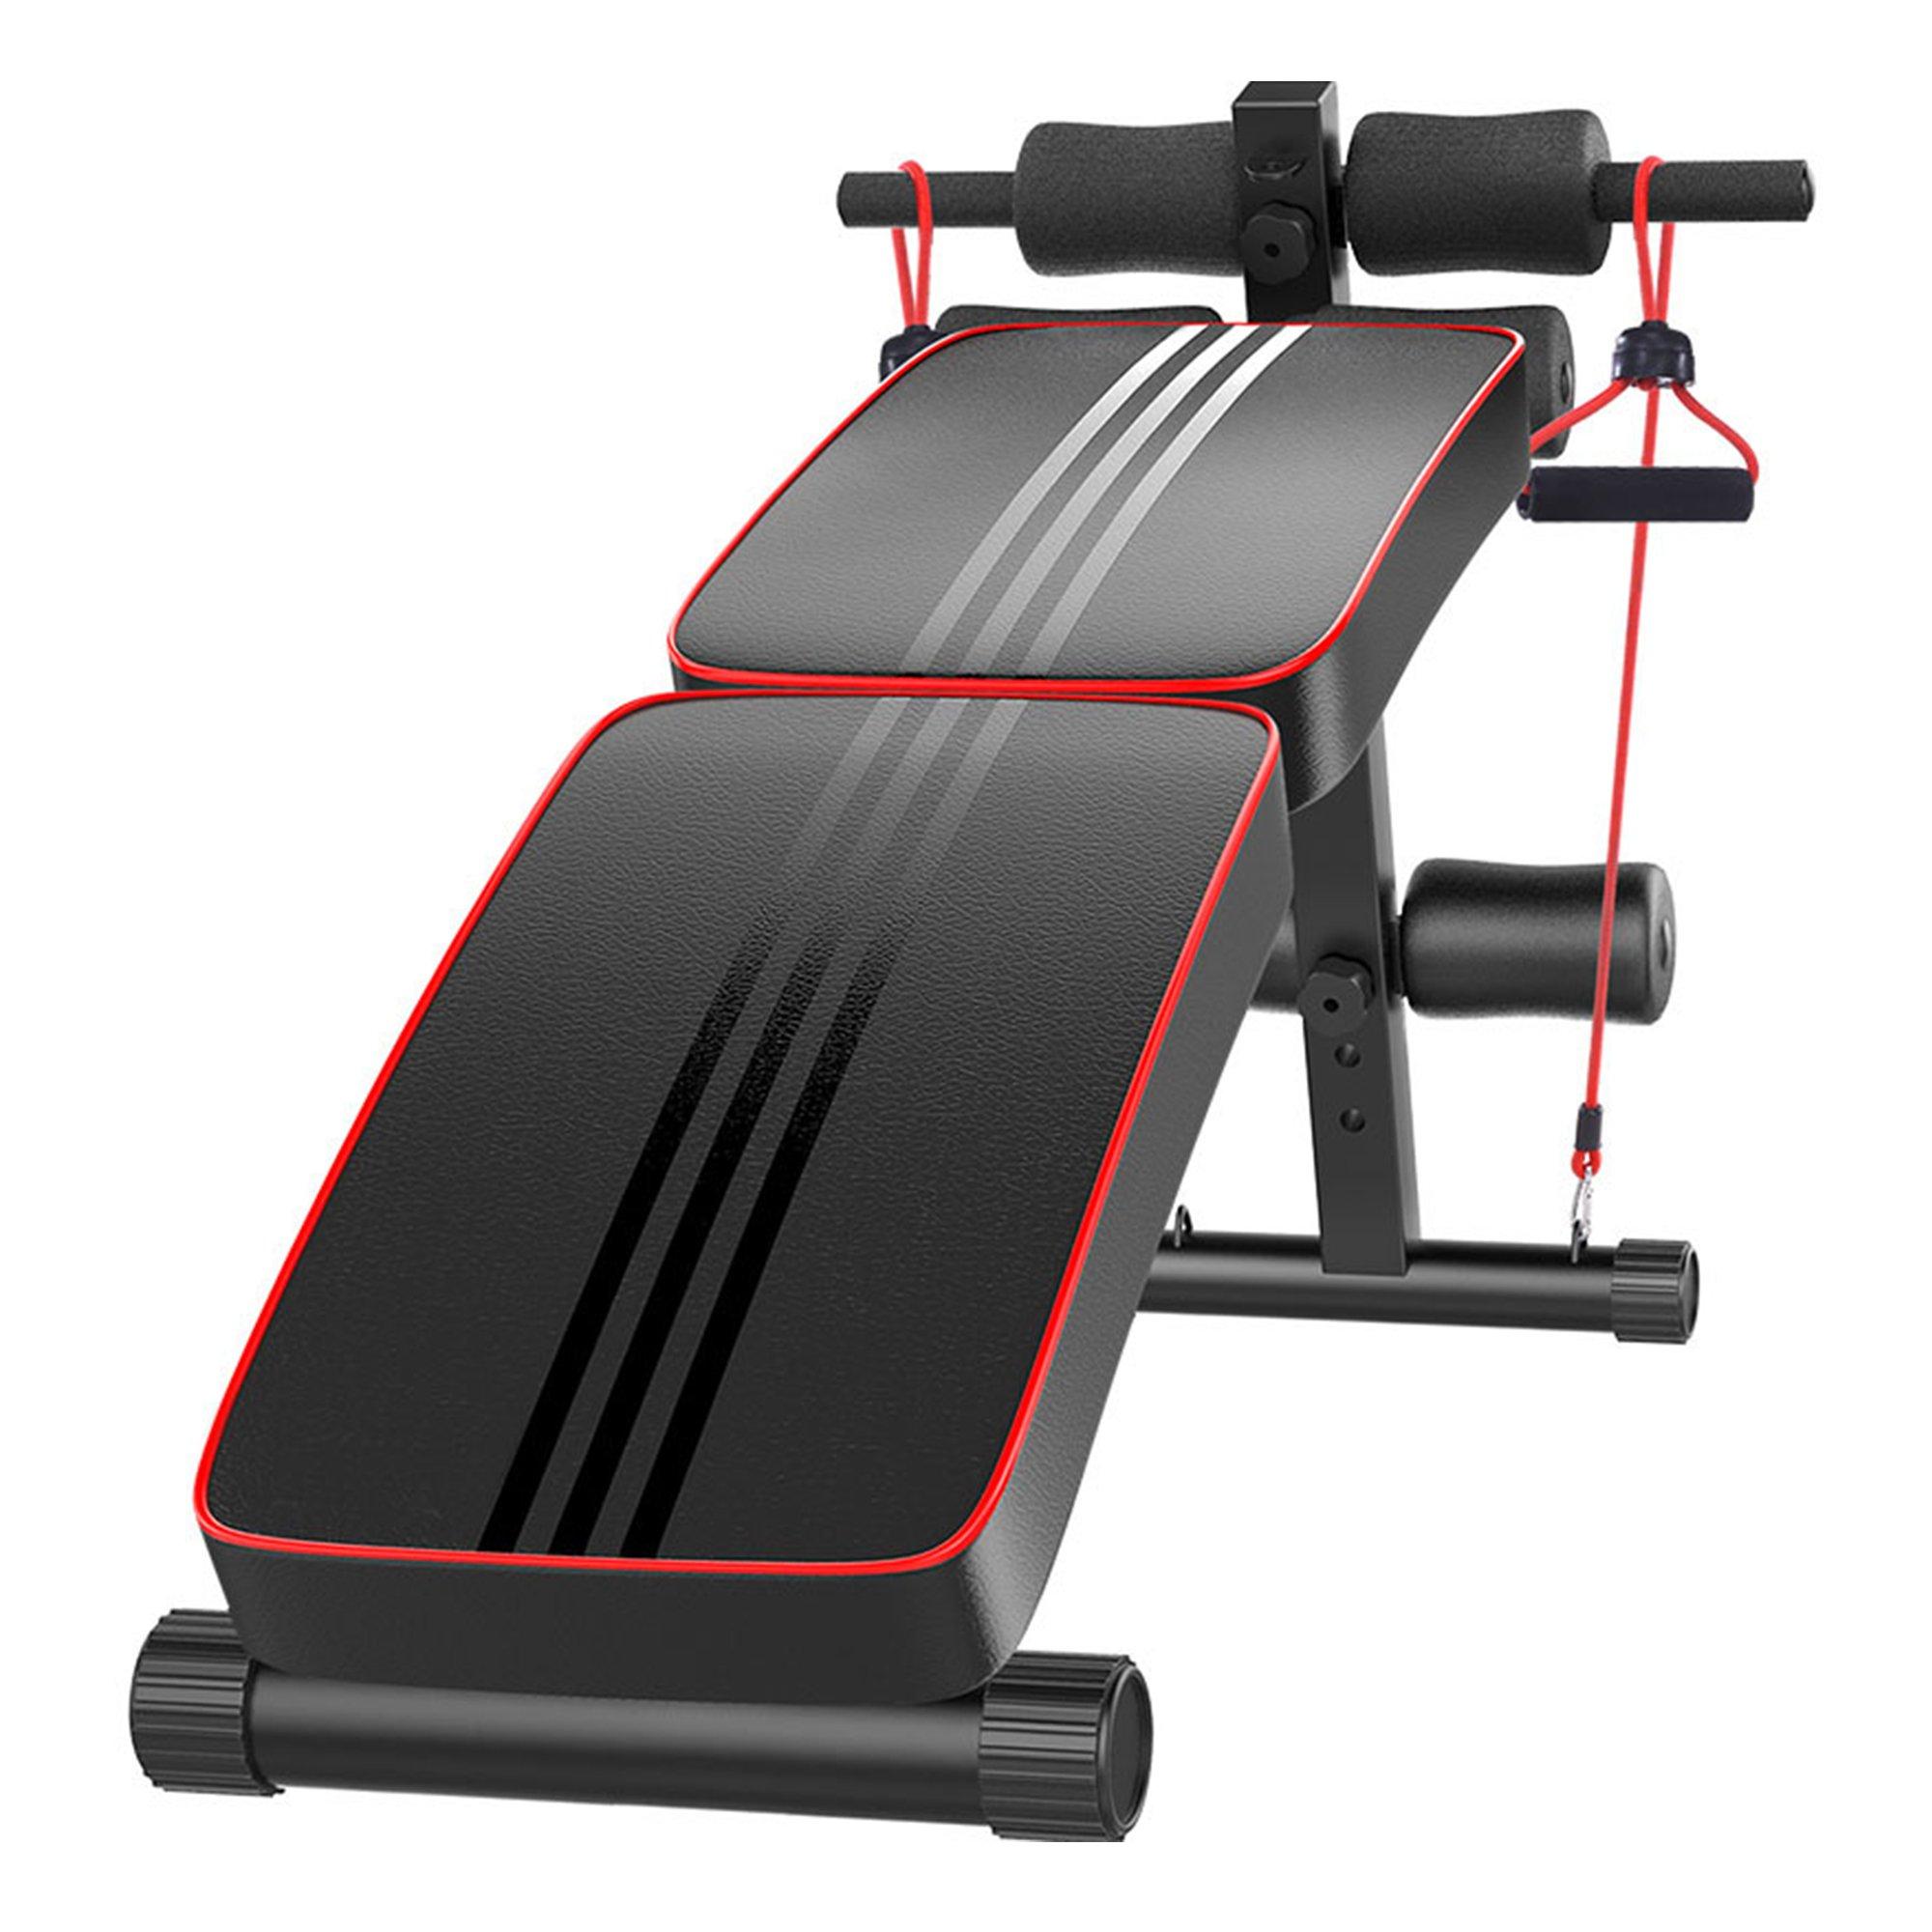 Folding Sit Up Exercise Bench